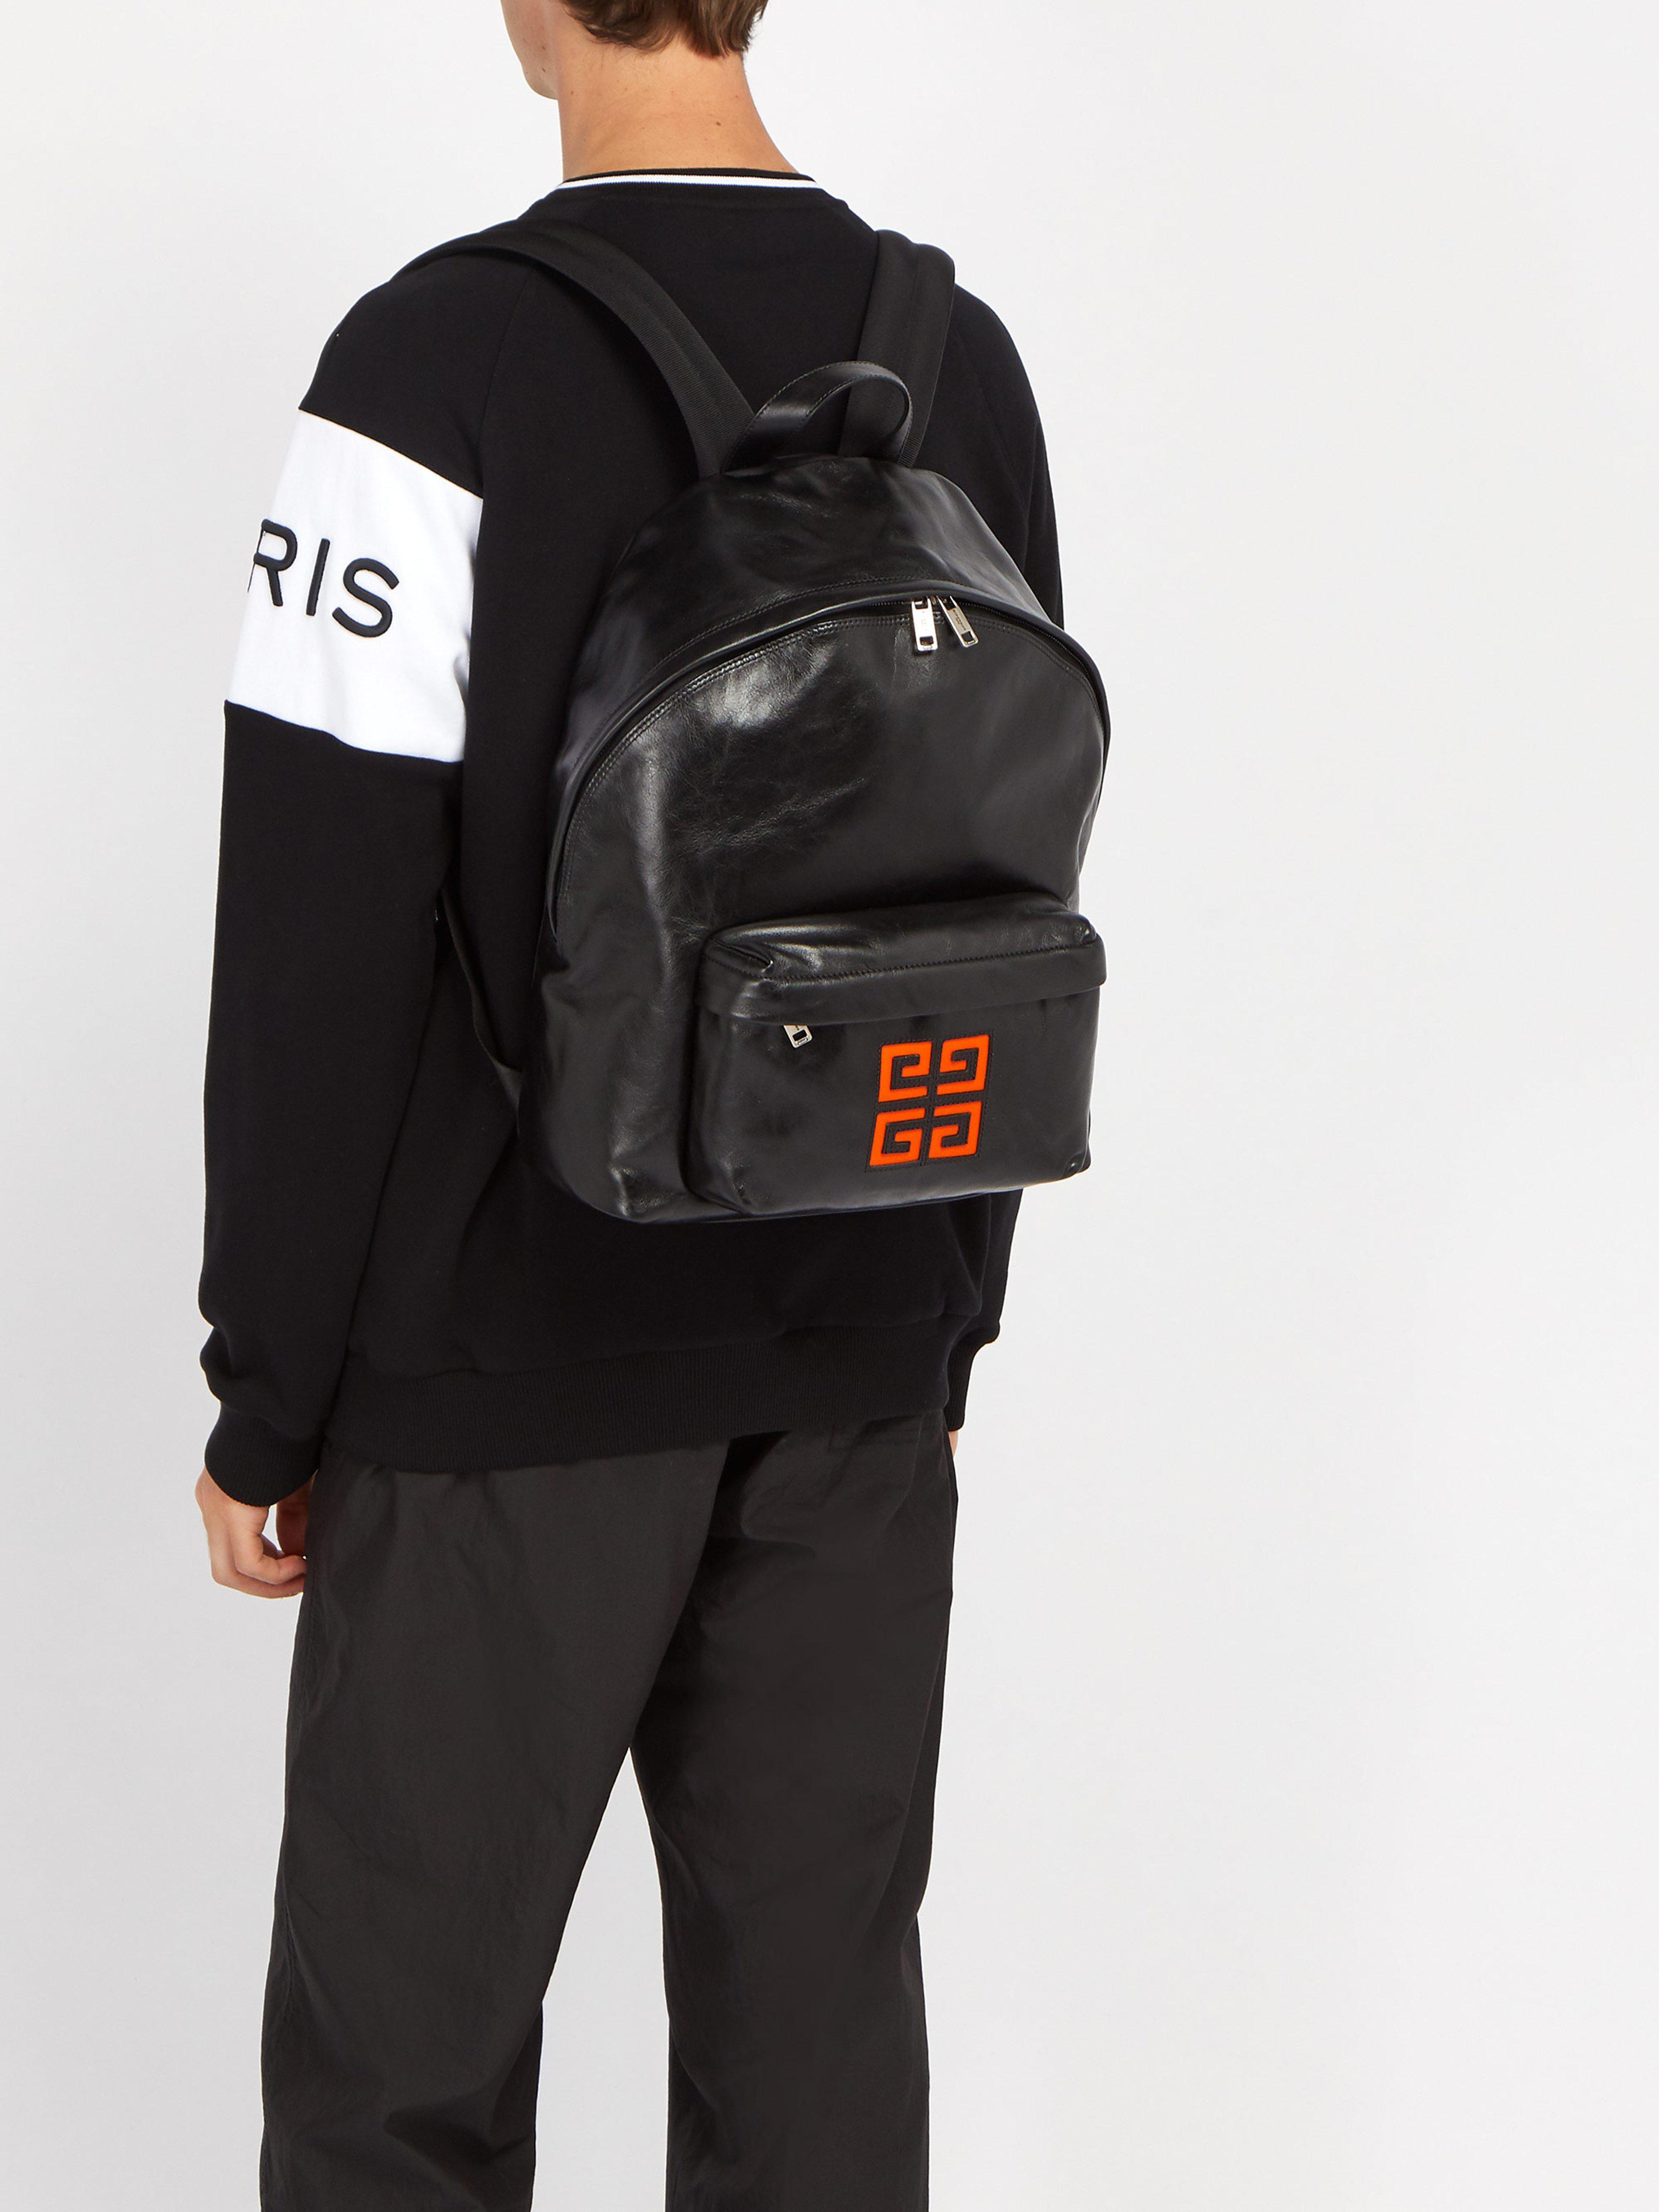 Givenchy 4g À Noir Pour Logo Dos Sac En Coloris Cuir Lyst Homme S5qY10x5